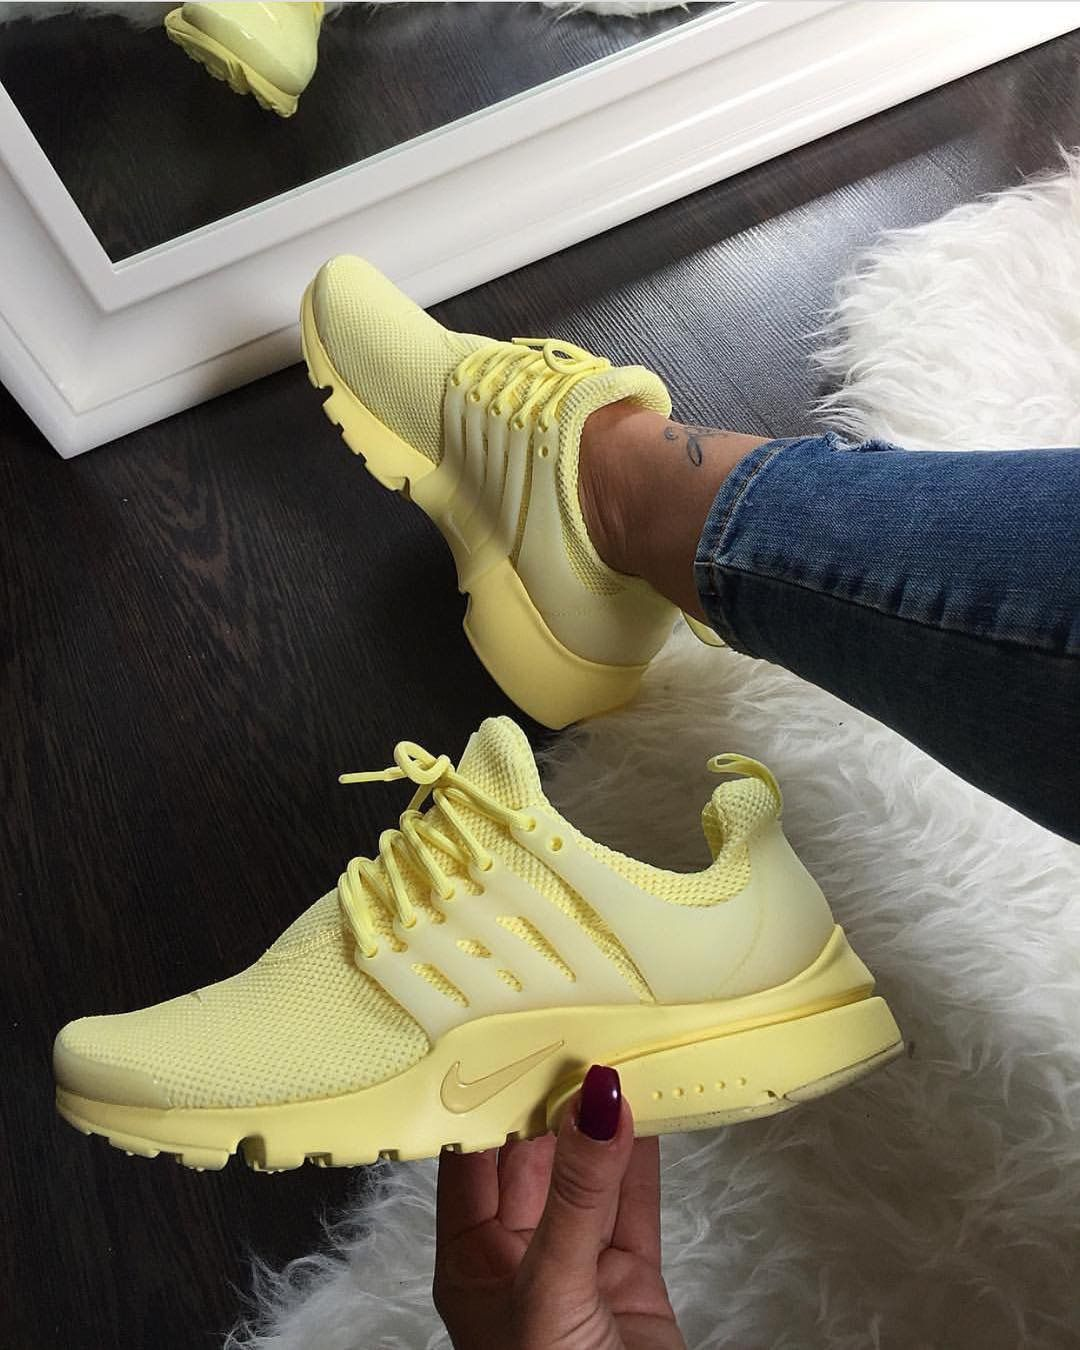 nike presto extreme womens yellow